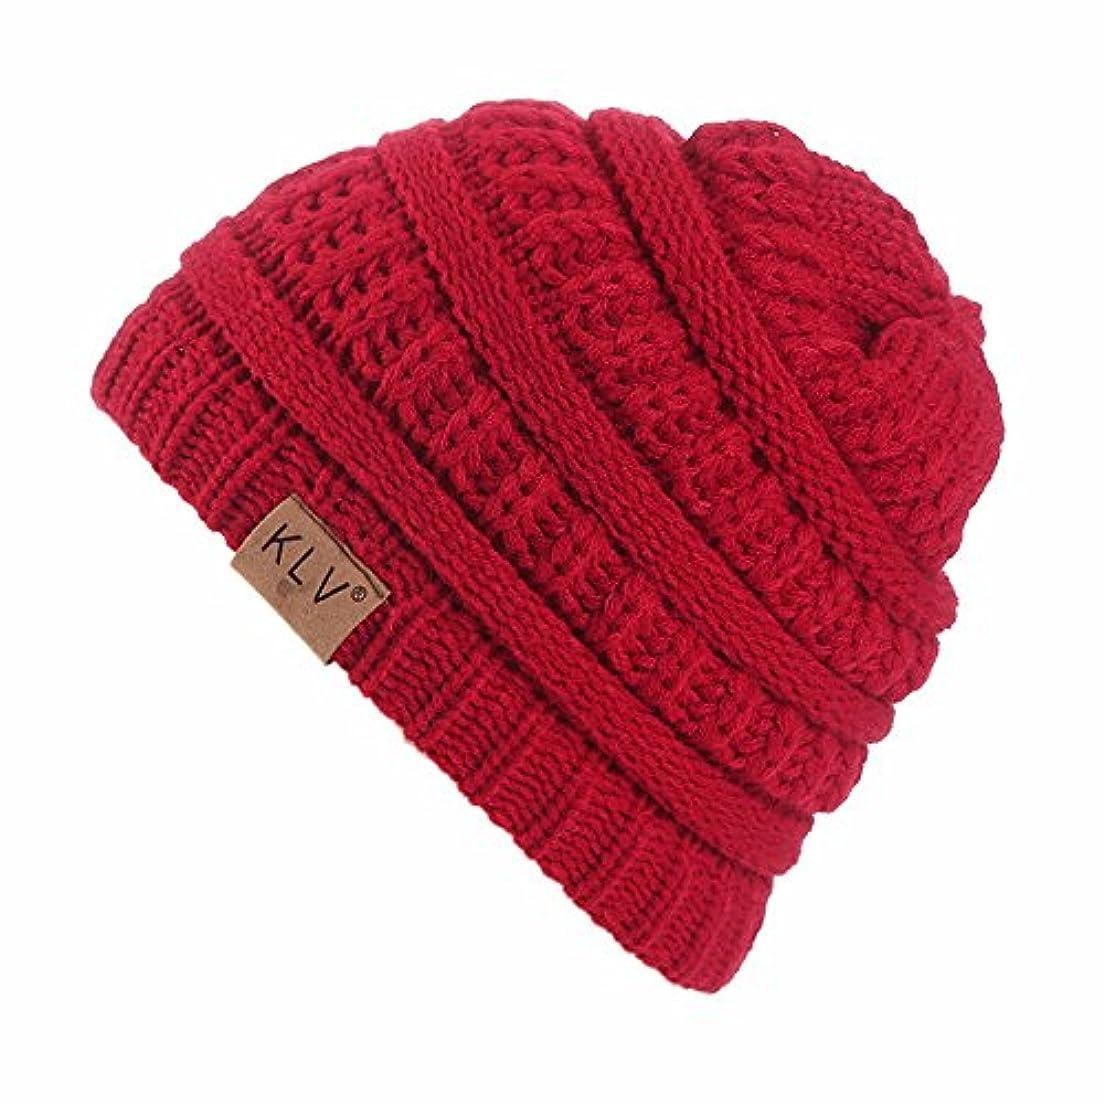 レモン無法者塩辛いRacazing クリスマス Hat 選べる6 色 編み物 ニット帽 子供用 通気性のある 男女兼用 防風防寒对策 ニット帽 暖かい 軽量 屋外 クリスマス Unisex Cap (ワイン)